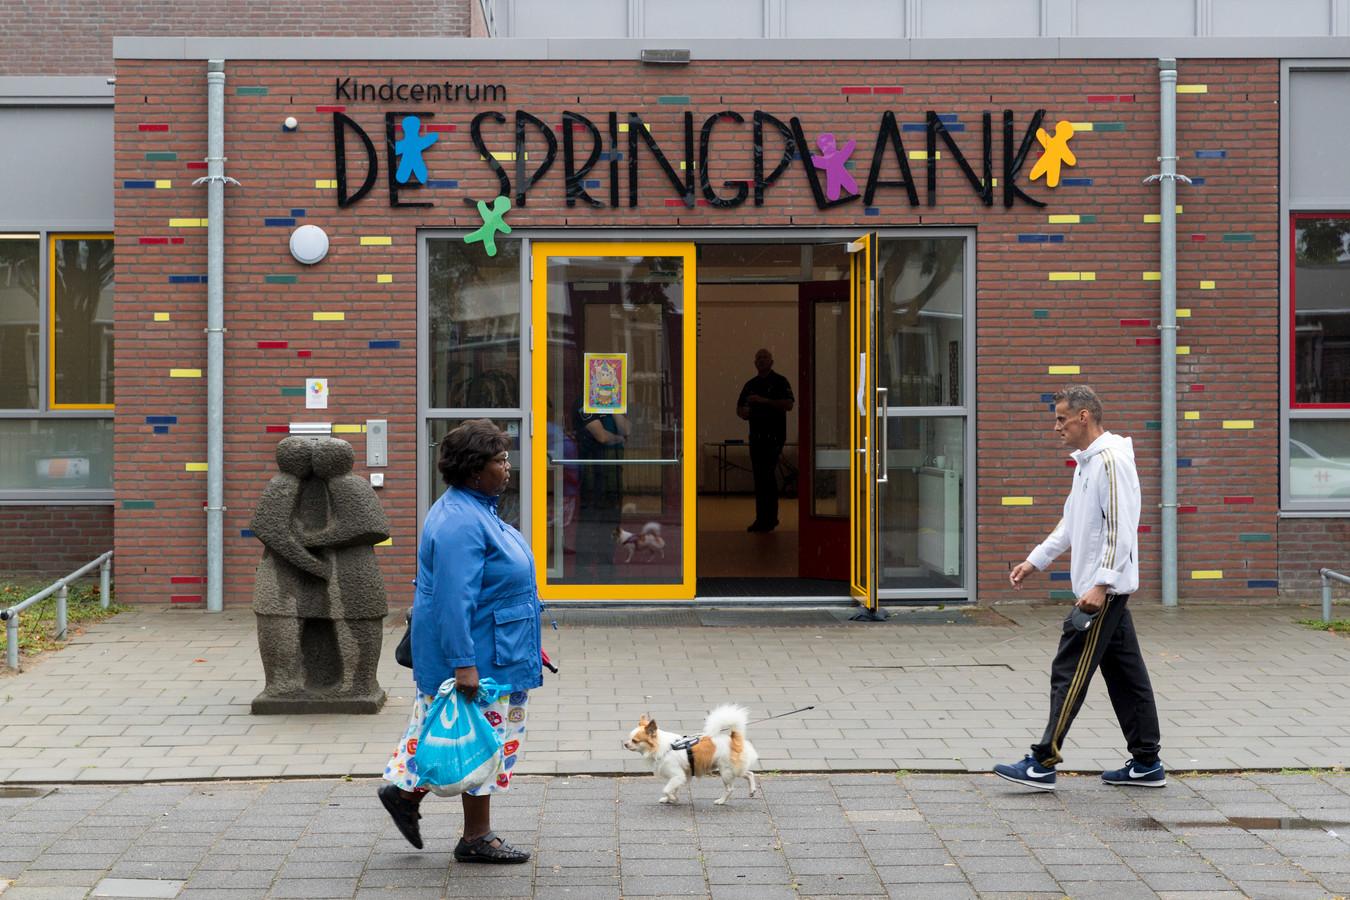 De Springplank in Den Bosch